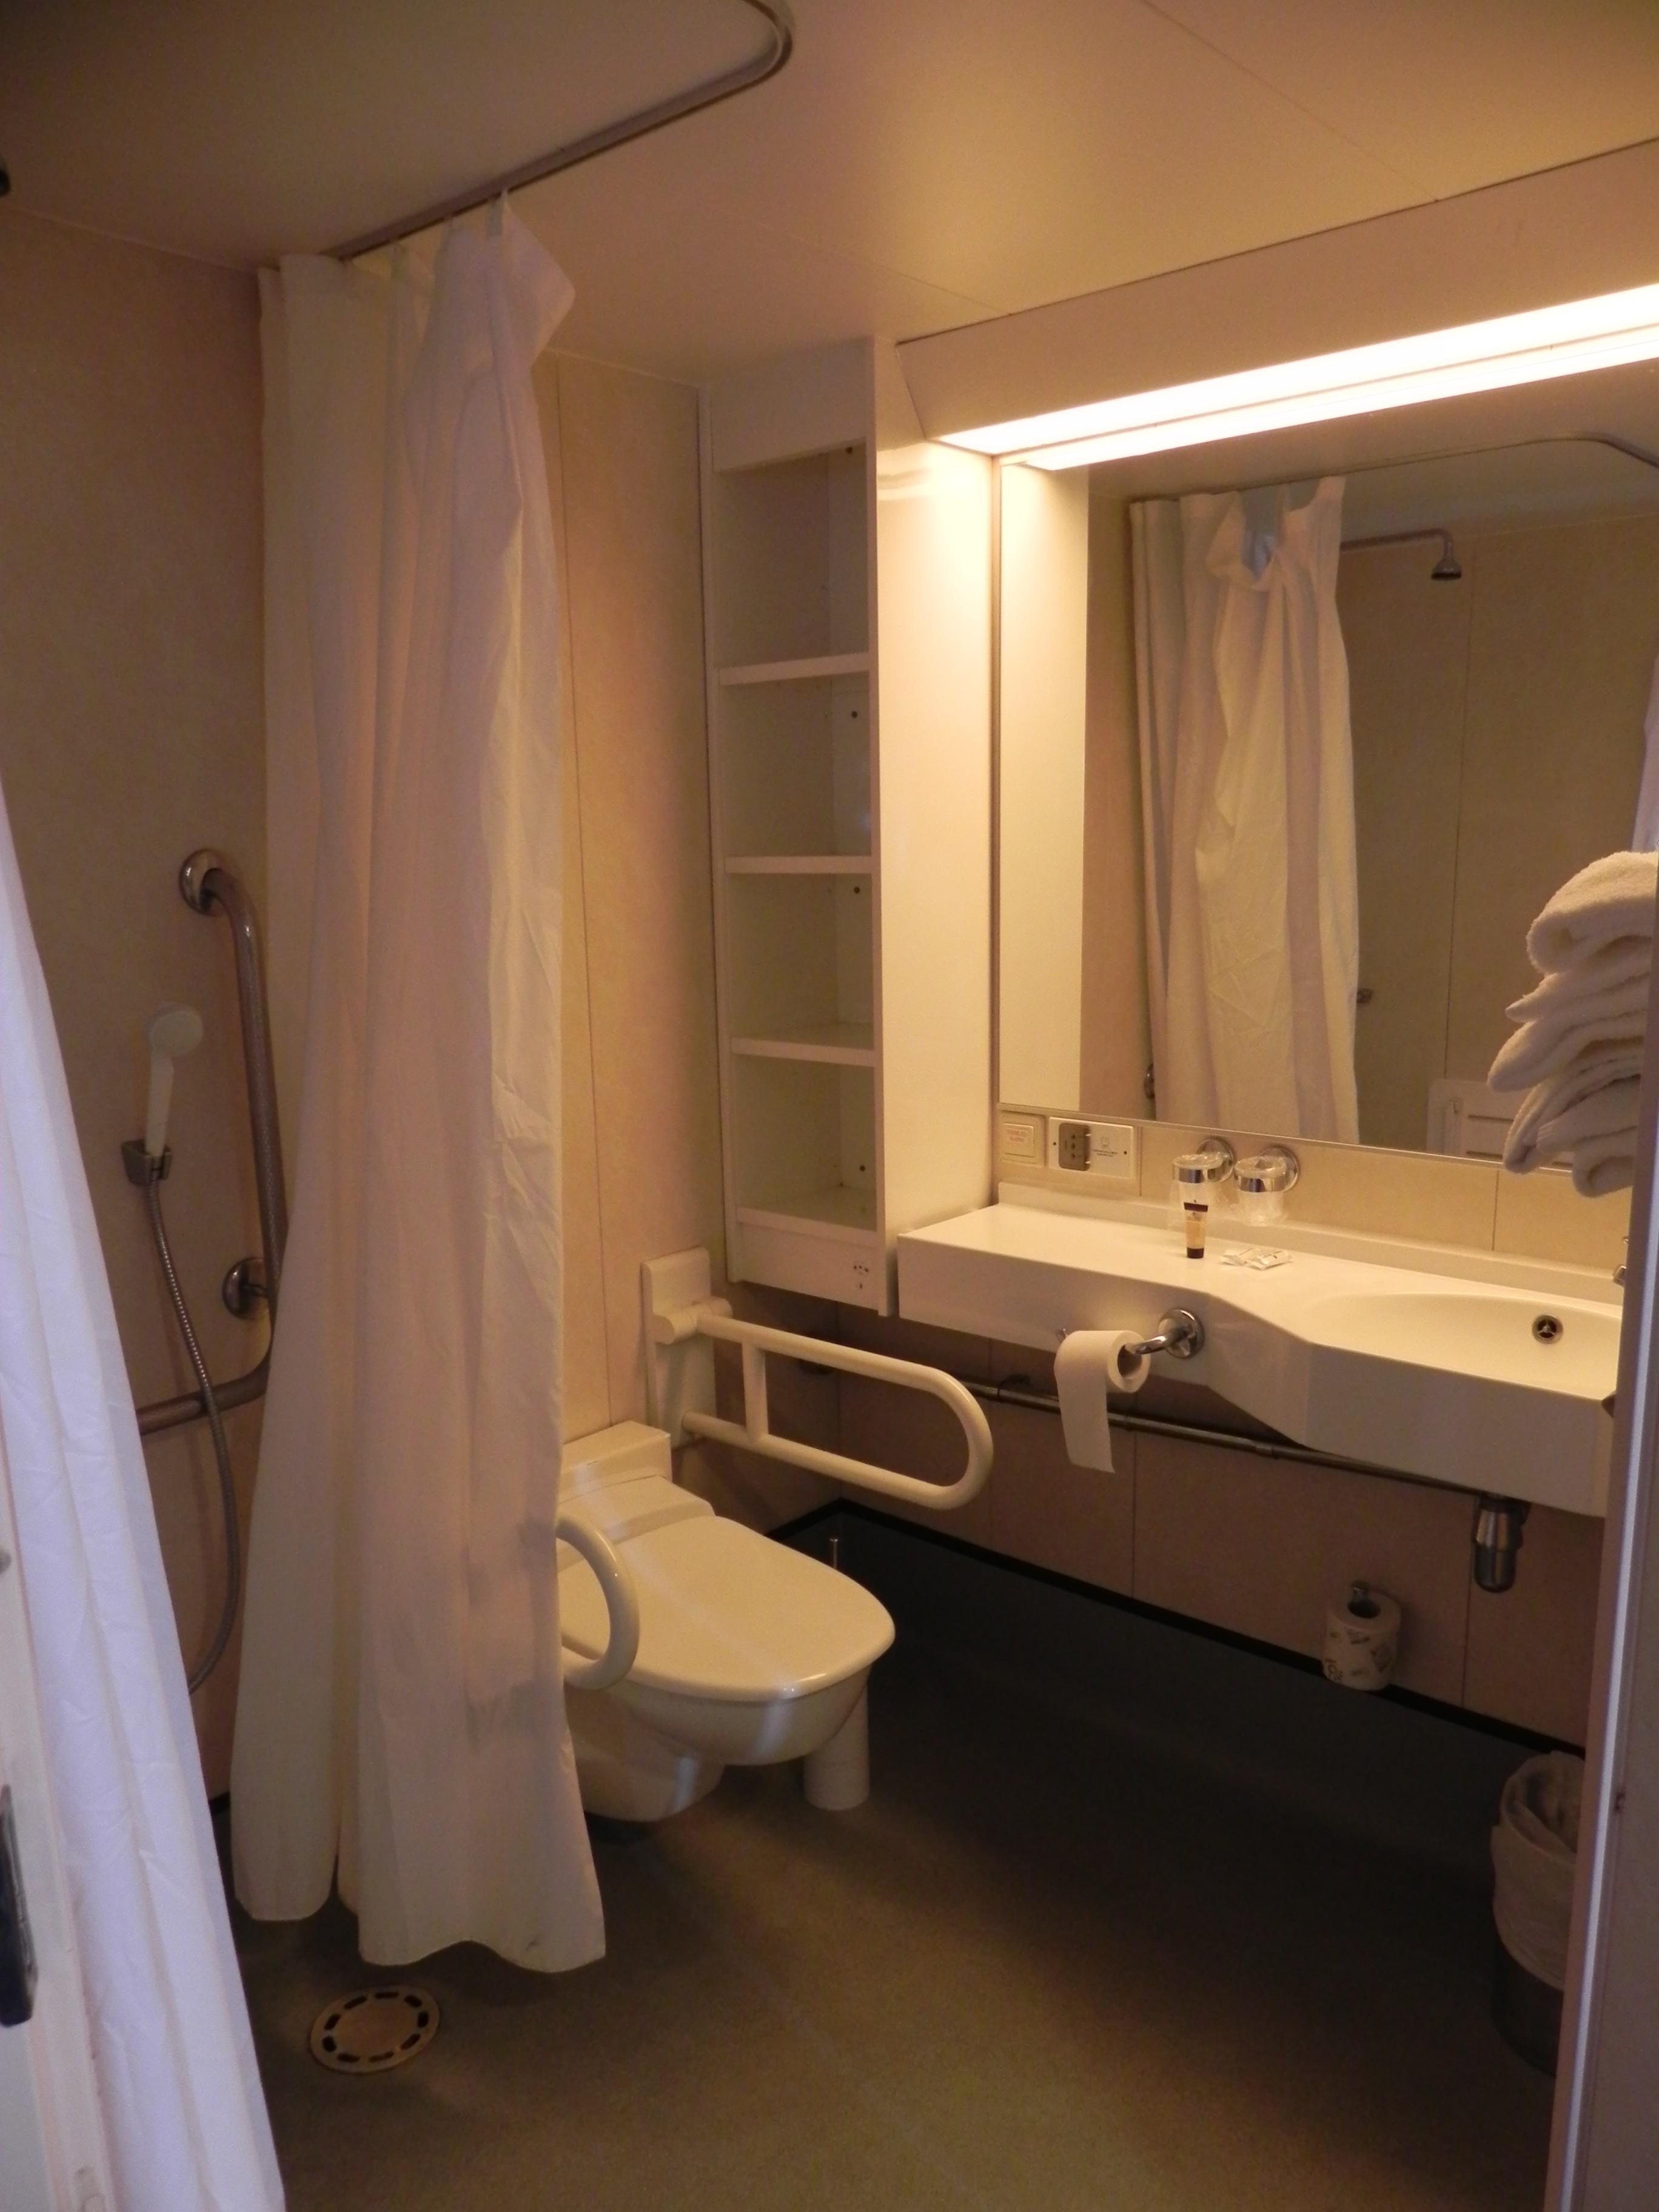 Come dormire a bordo di un traghetto blog for Un bagno in cabina